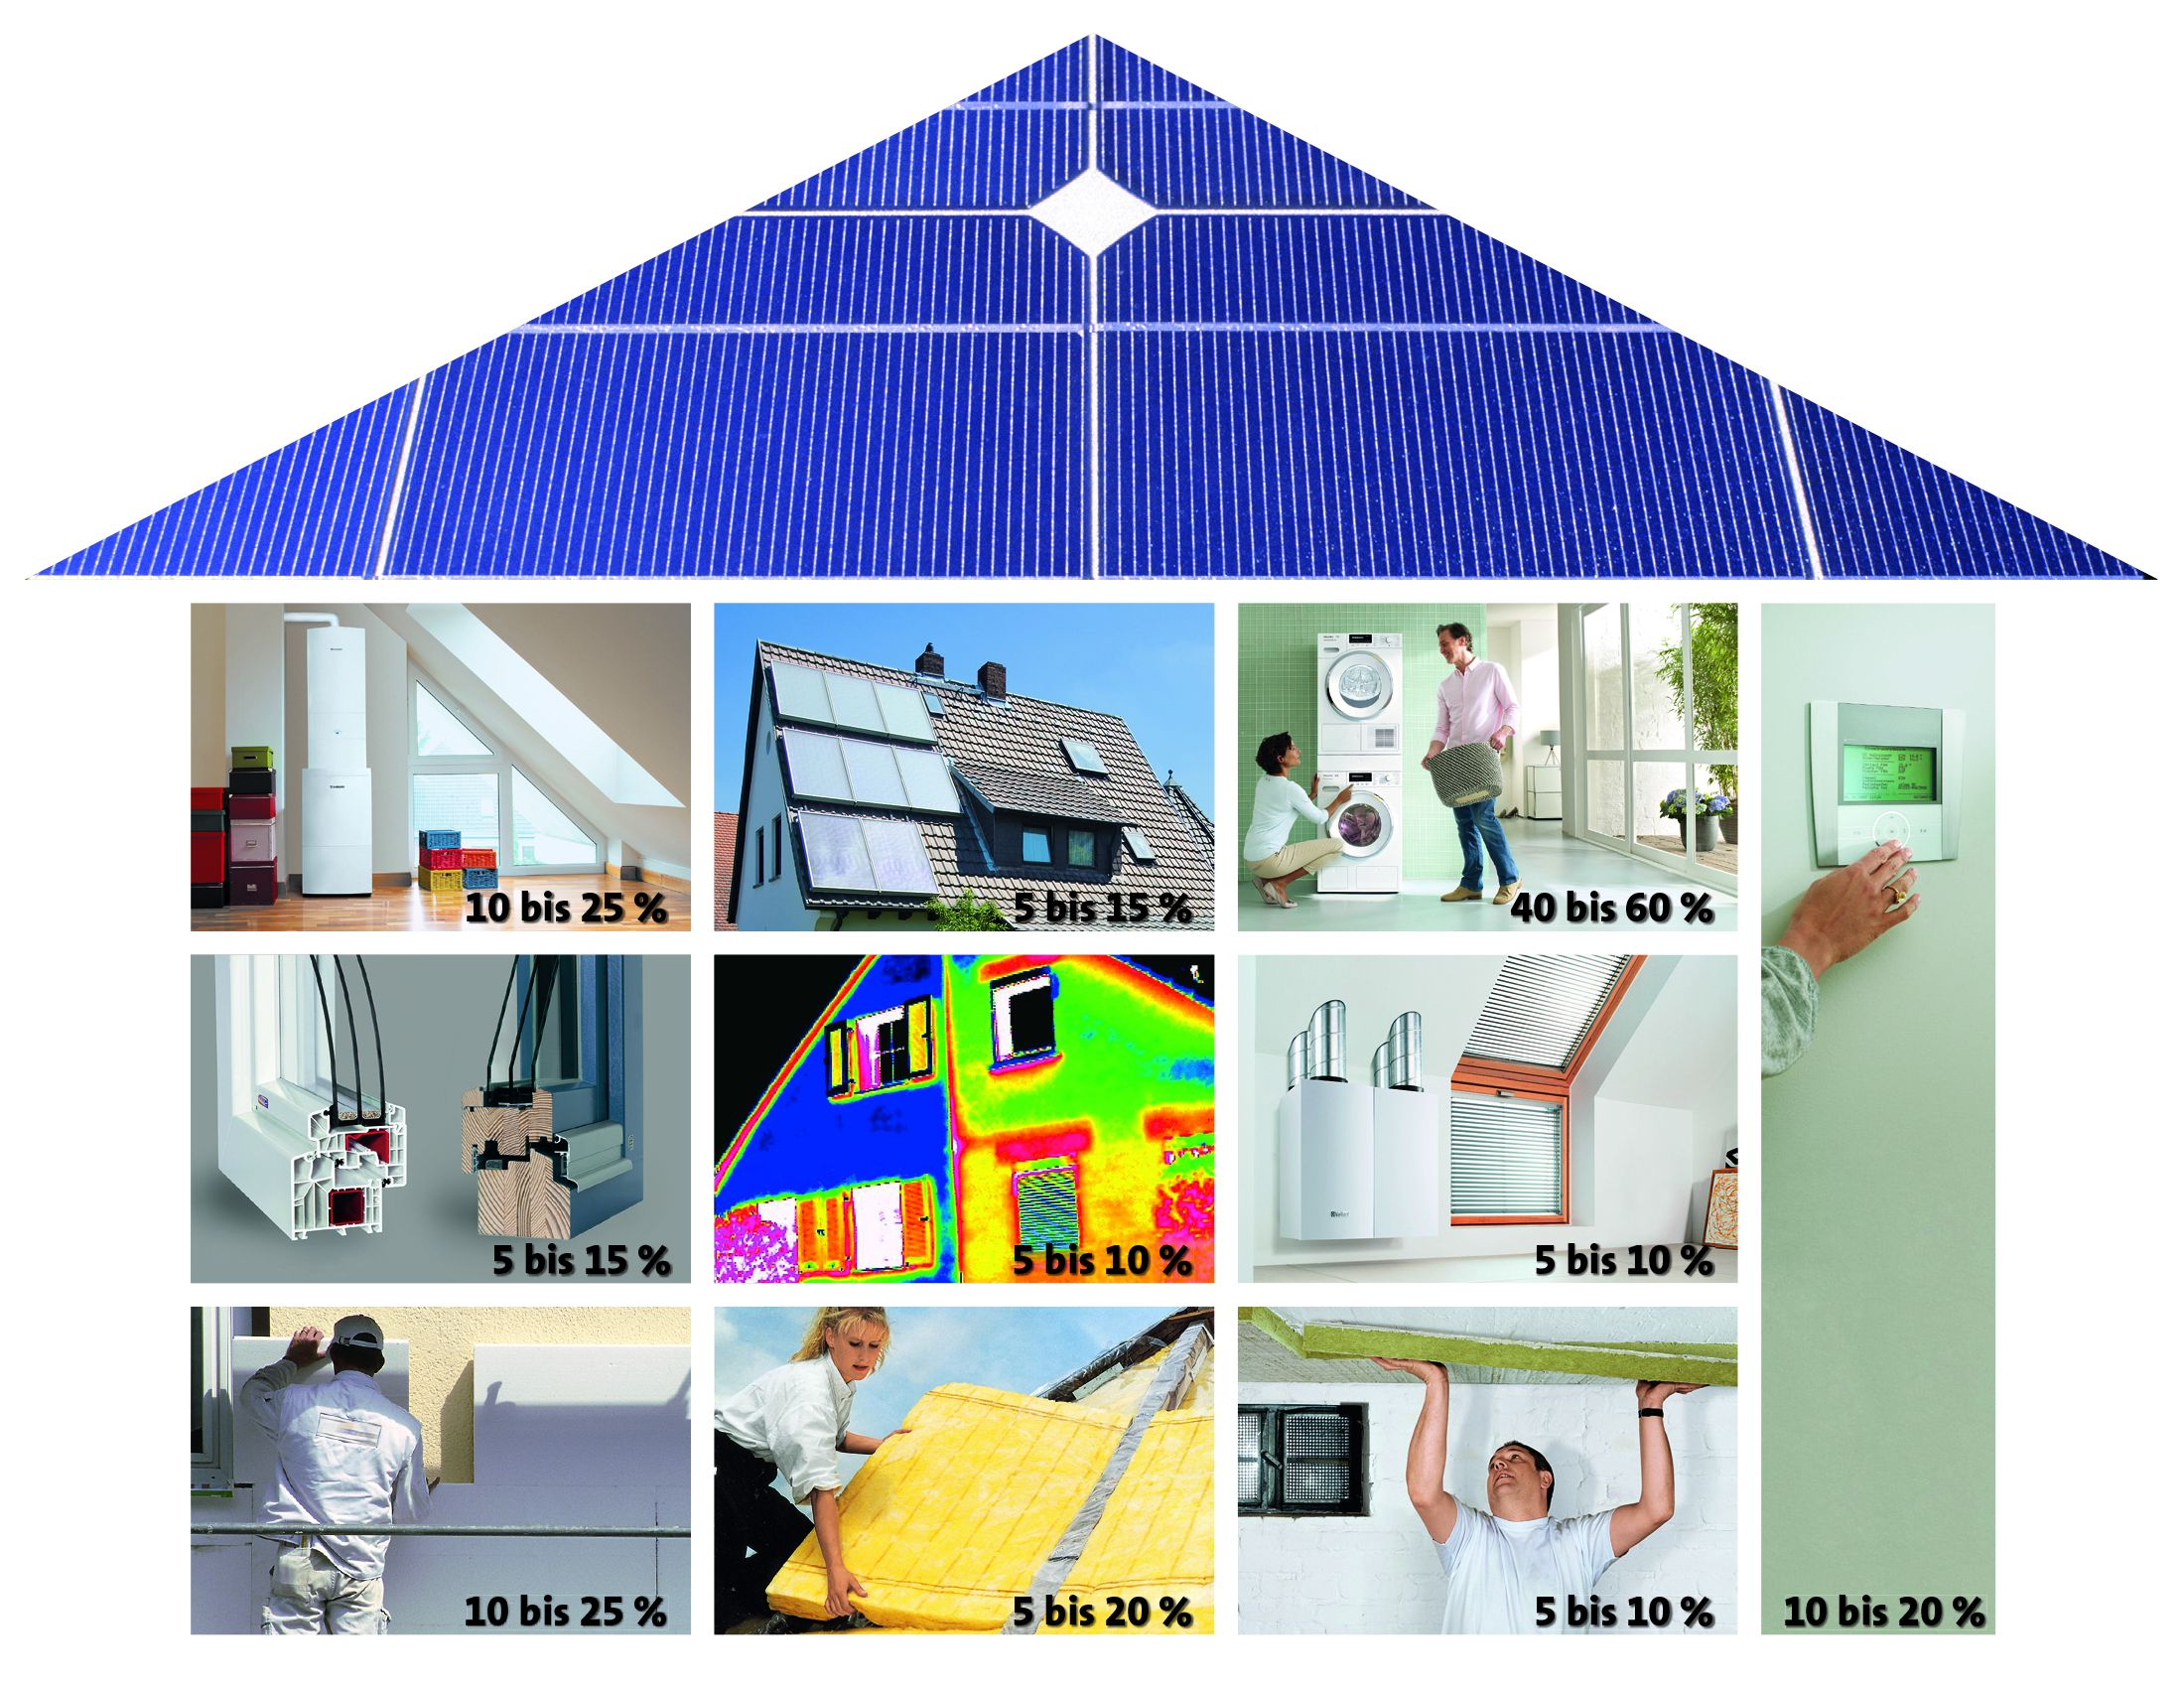 """Was man bei einer energetischen Modernisierung beachten sollte, fasst die Broschüre """"Das LBS-Energie-Sparsystem"""" verständlich und übersichtlich zusammen."""